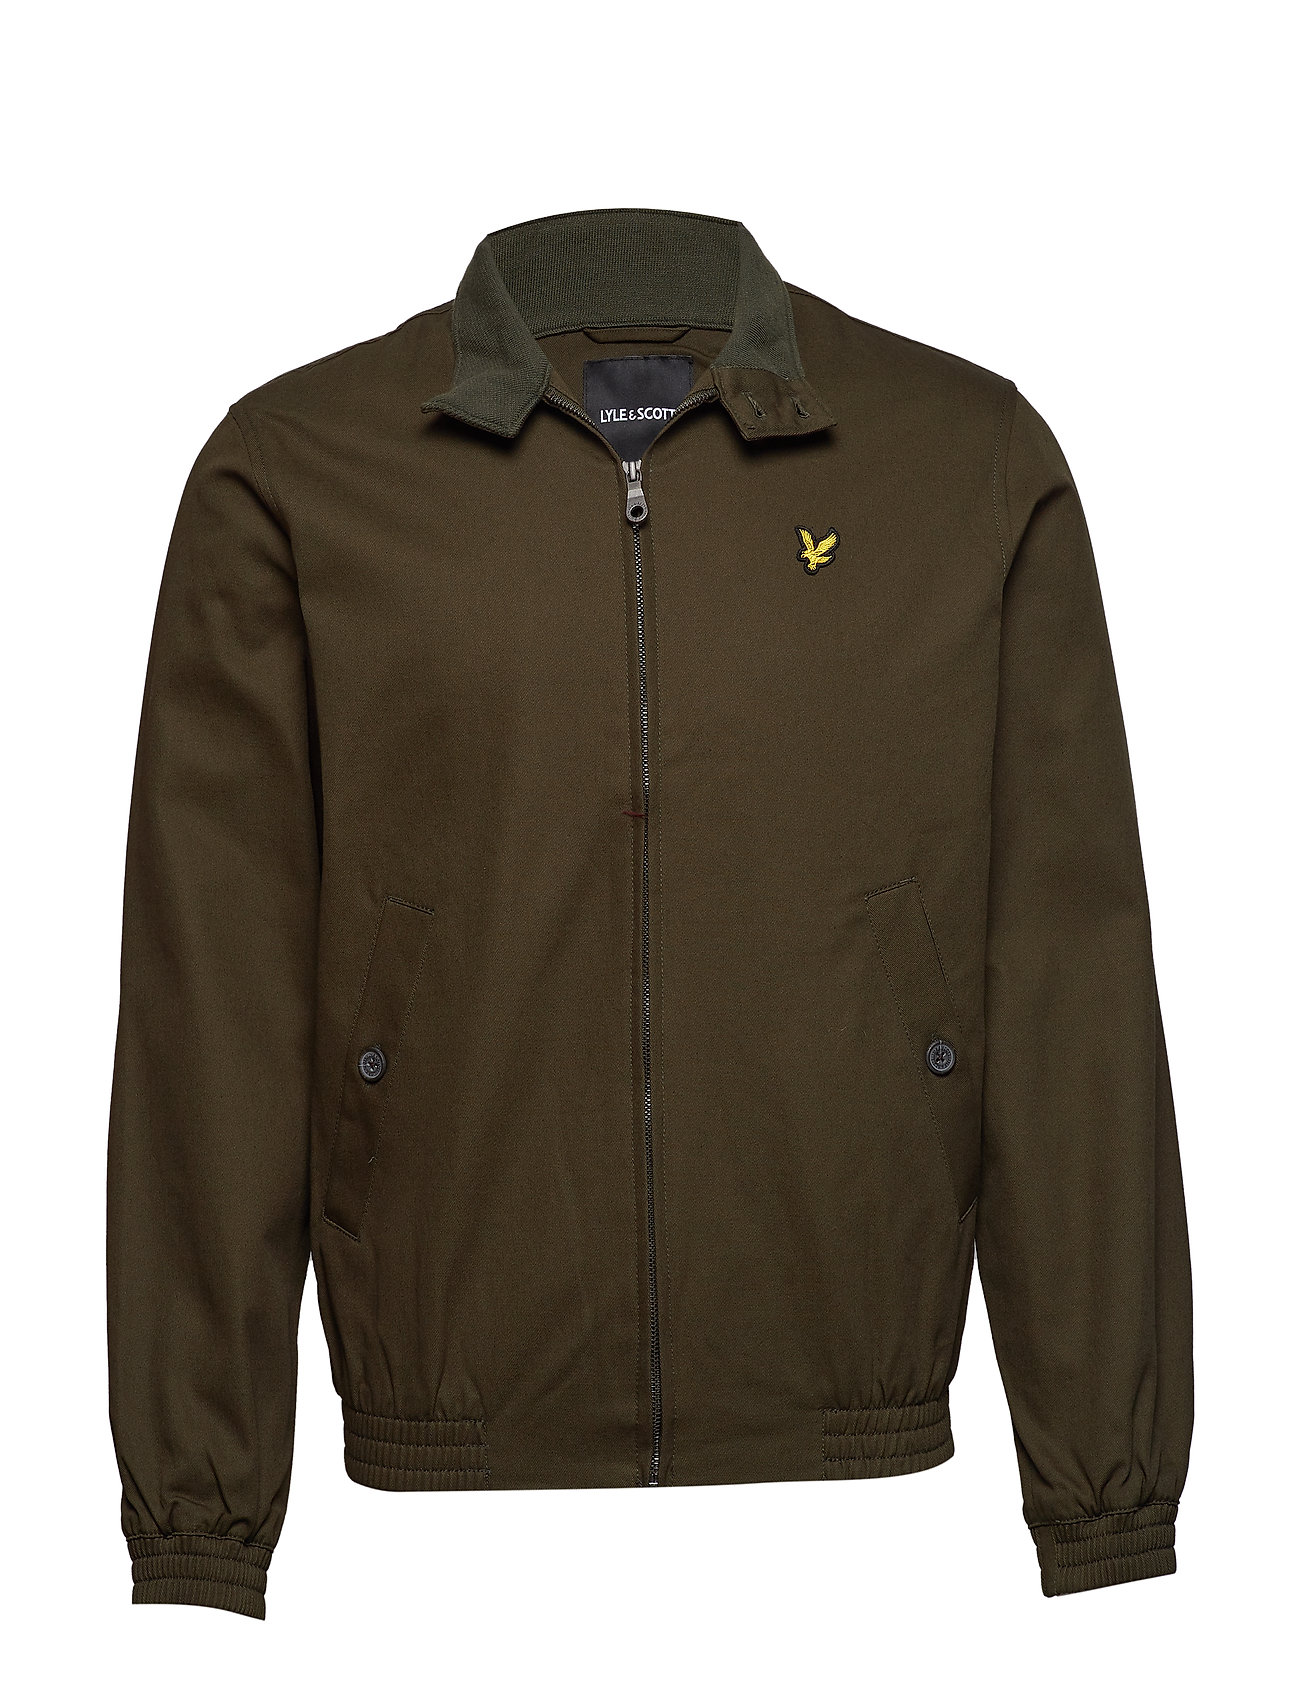 c2e6a1c9845e Herrkläder på rea från kända märken som Gant och Nike